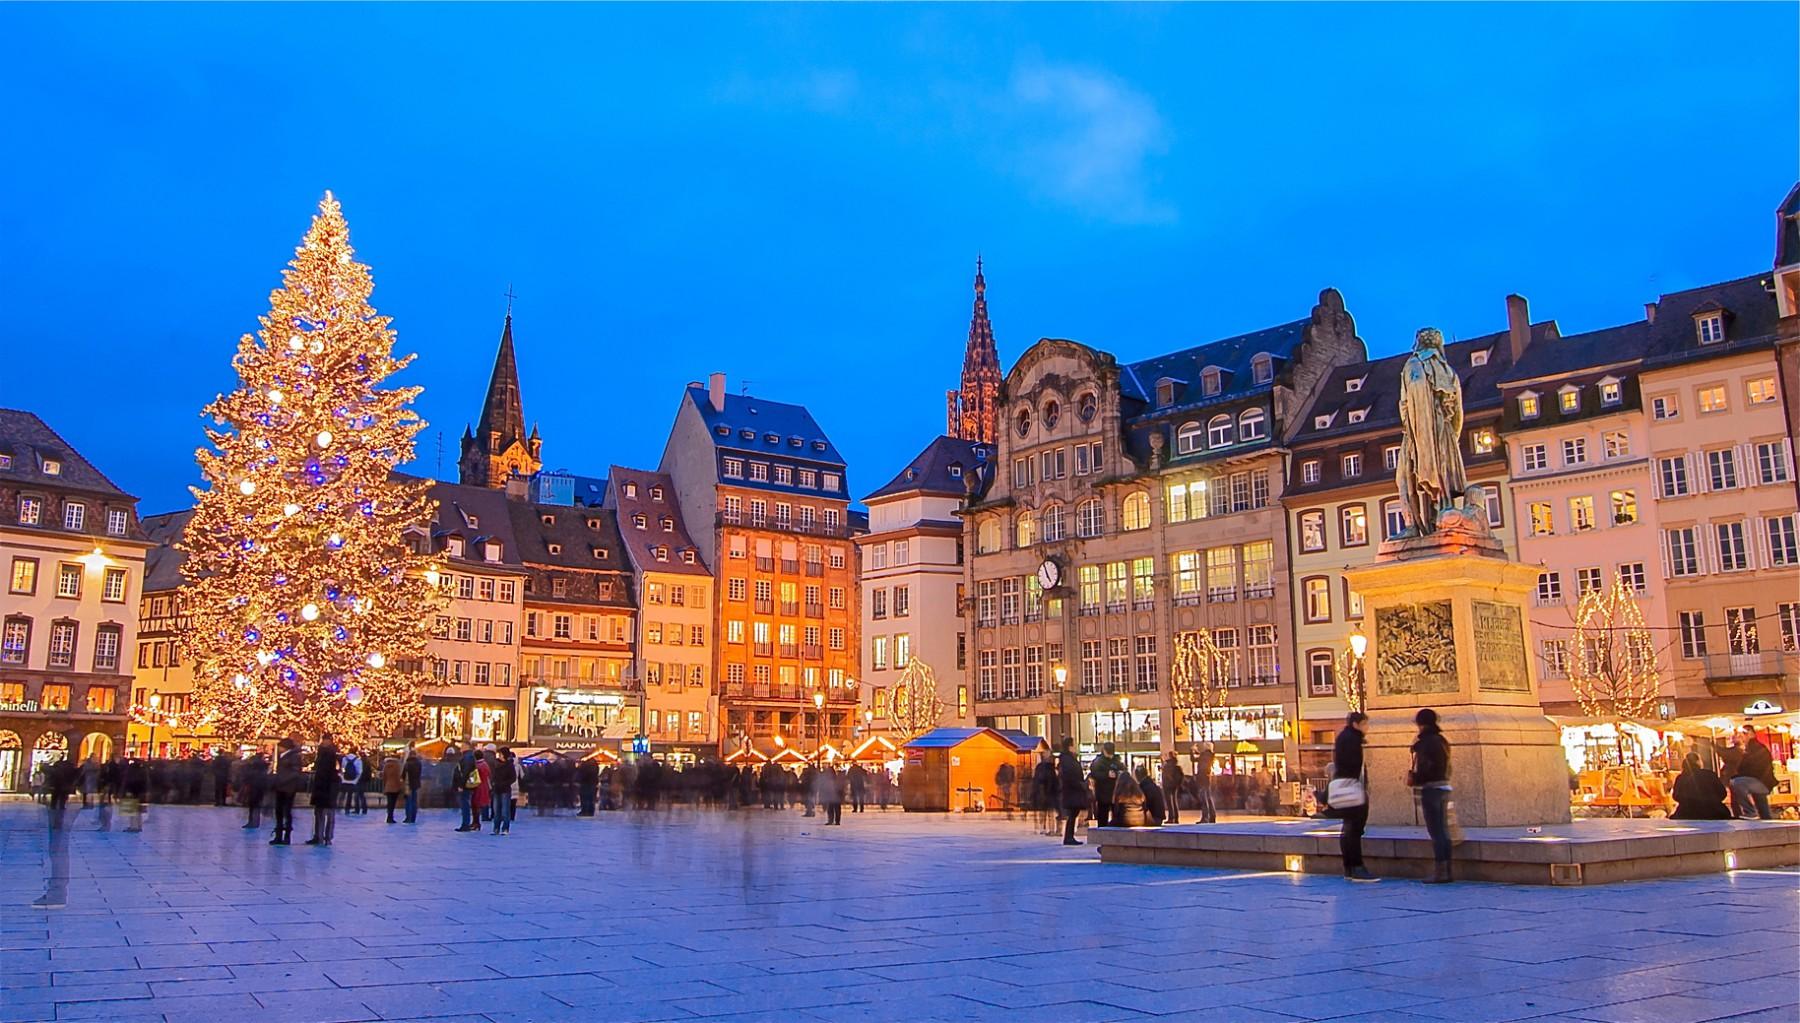 Estrasburgo La Deslumbrante Capital Europea De La Navidad Celebra La 446 Edición Del Mercado Navideño